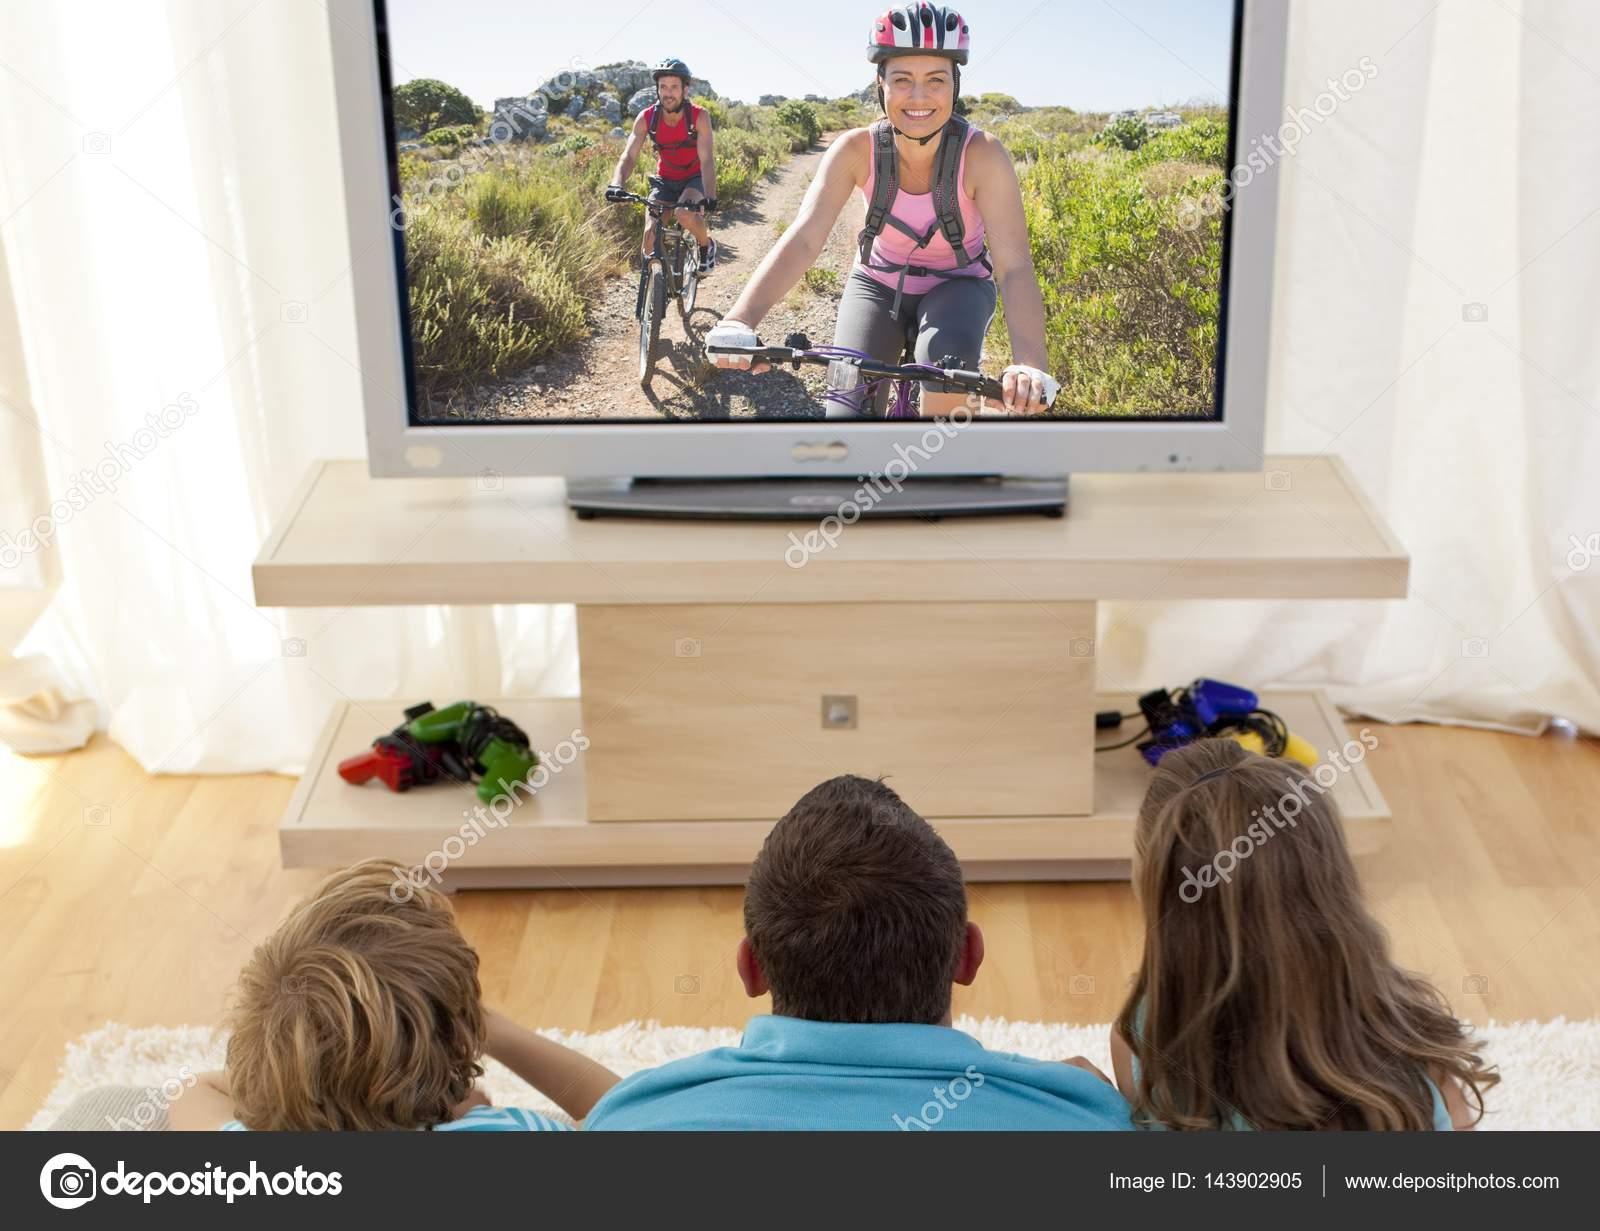 TV İzlerken Yapılan Egzersizler